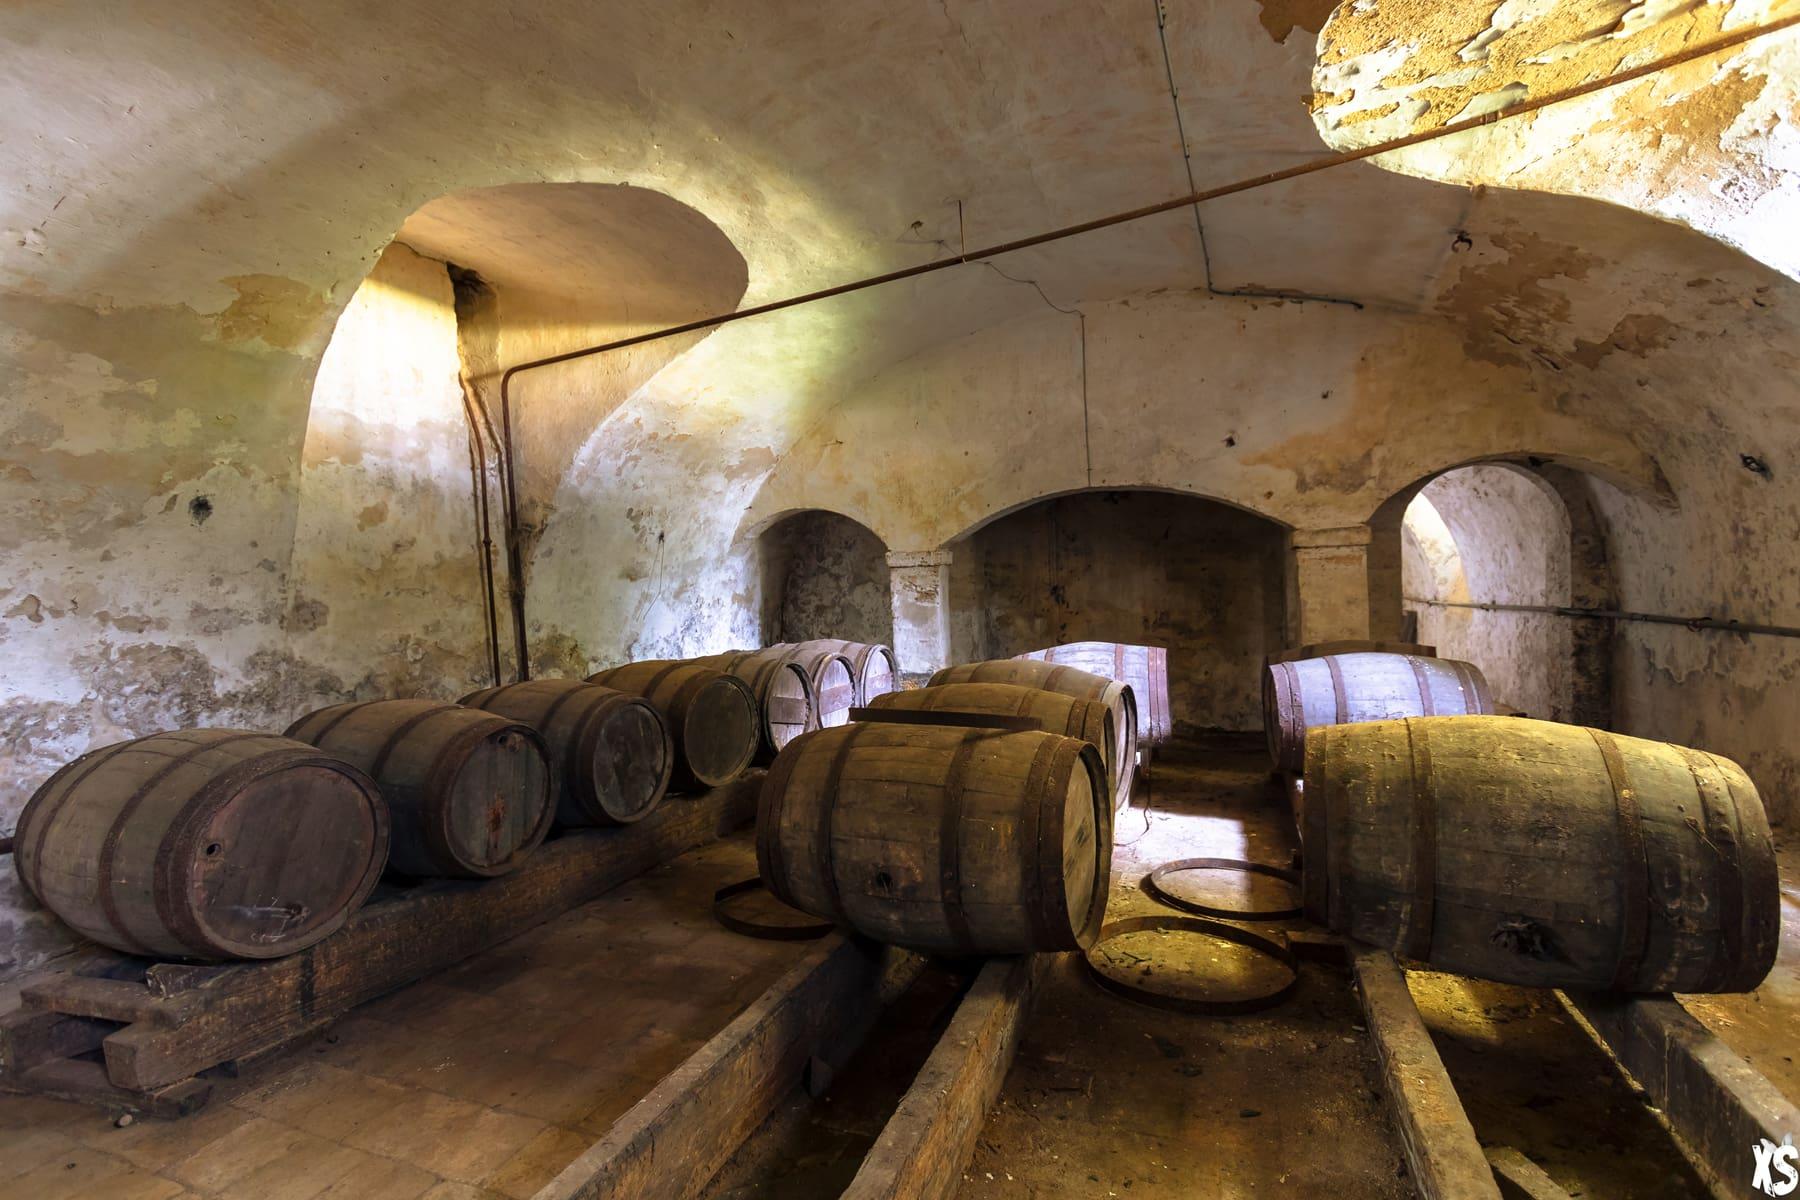 Château abandonné situé en Aquitaine | urbexsession.com/chateau-roland-cazaux | Urbex Aquitaine